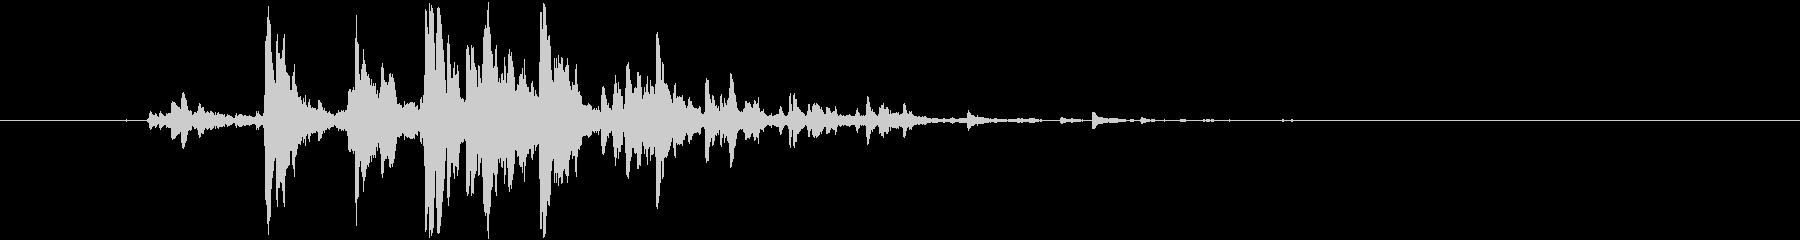 シャララン(鈴の短いロール音)の未再生の波形